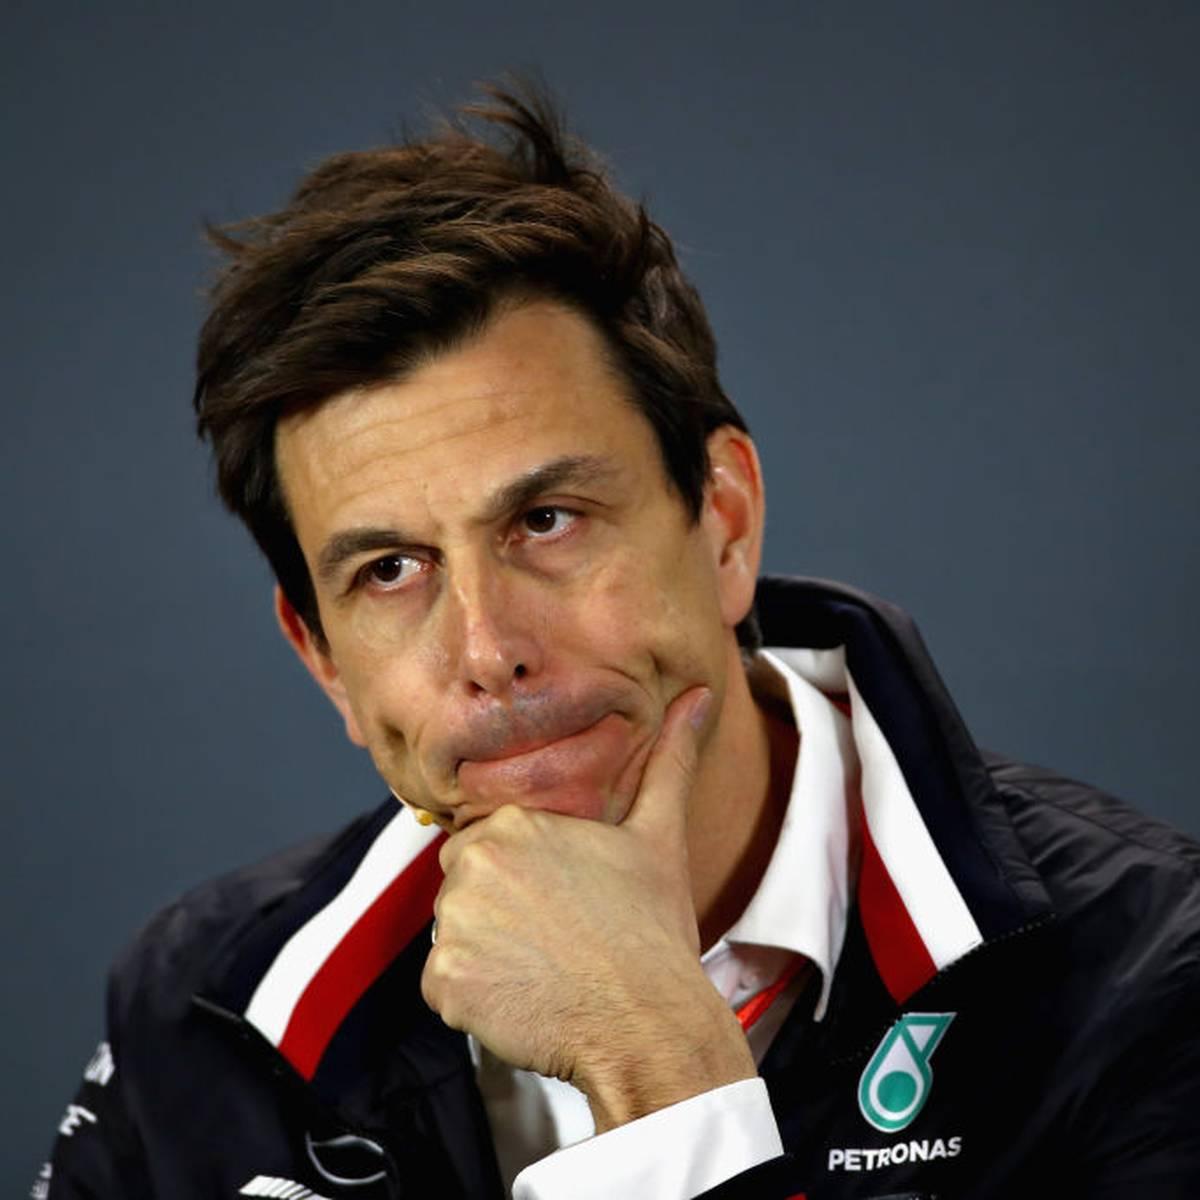 Mercedes schimpft auf Ferrari